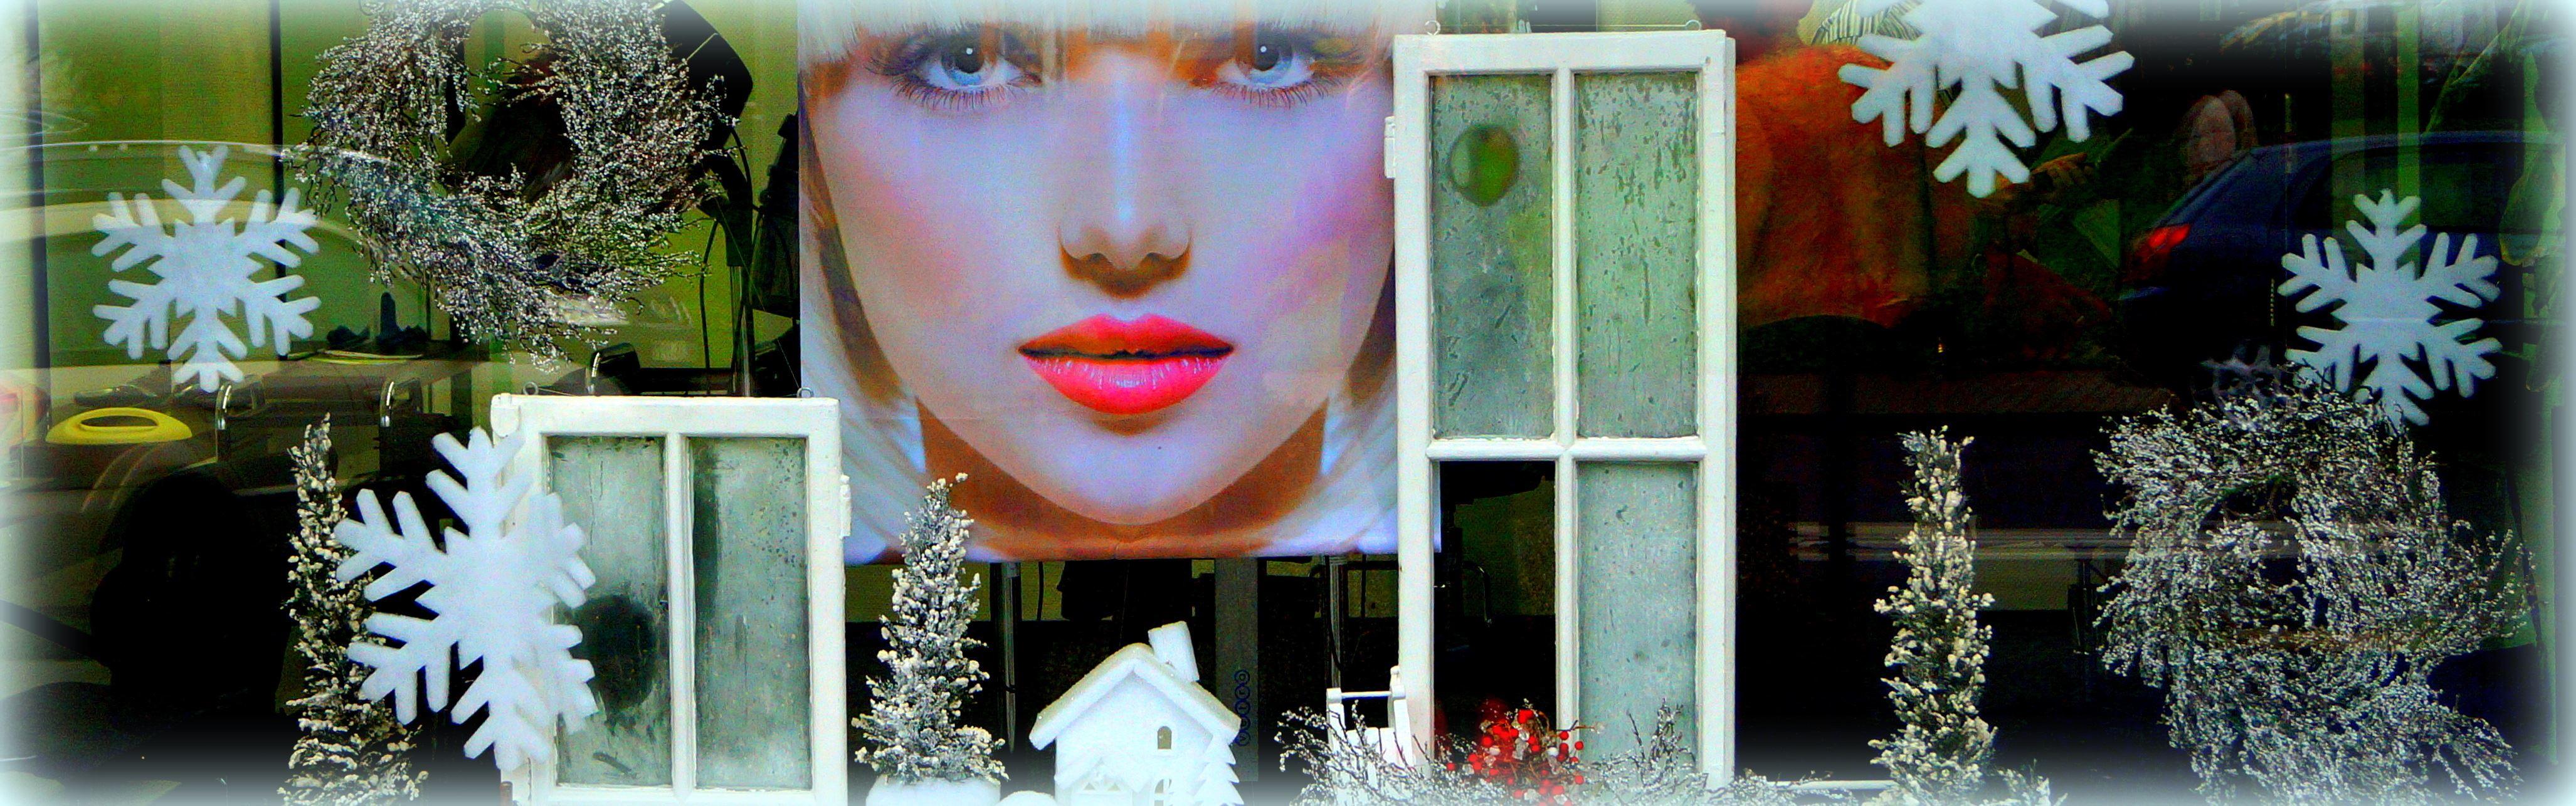 Schaufensterdekoration - Salon